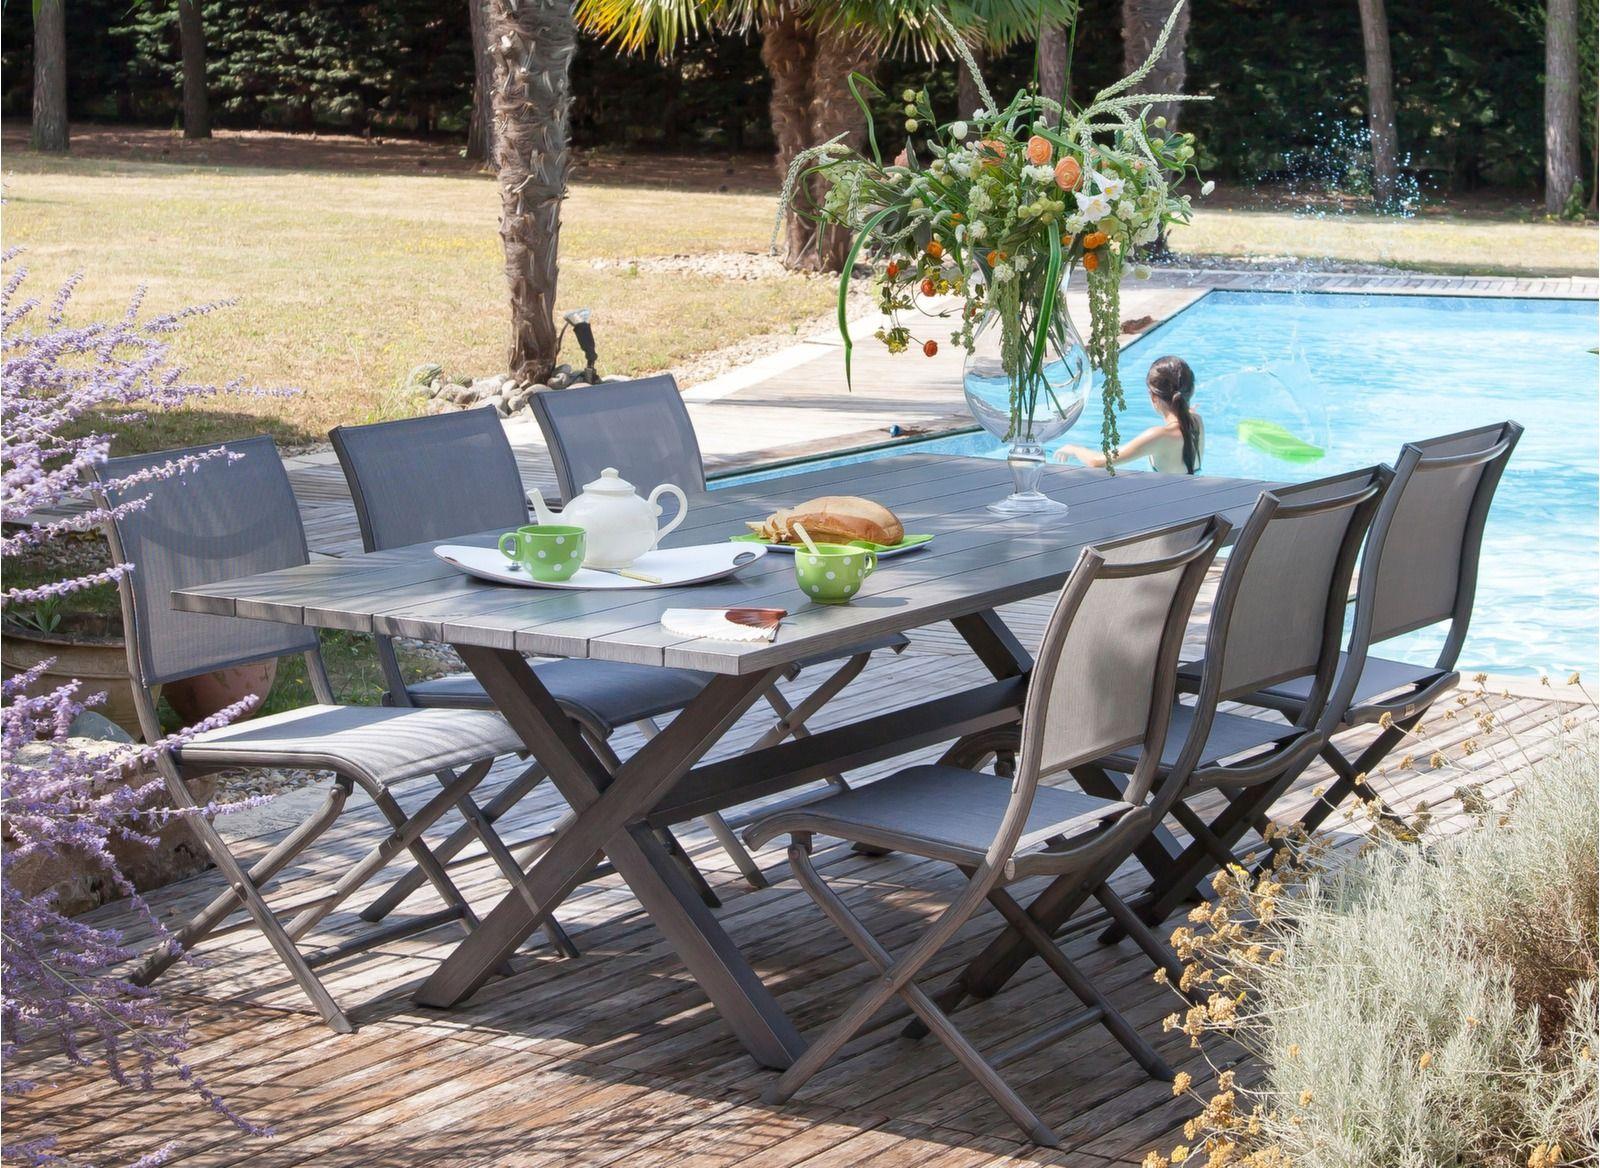 Table Crossway 240 cm | Mobilier extérieur | Mobilier jardin ...